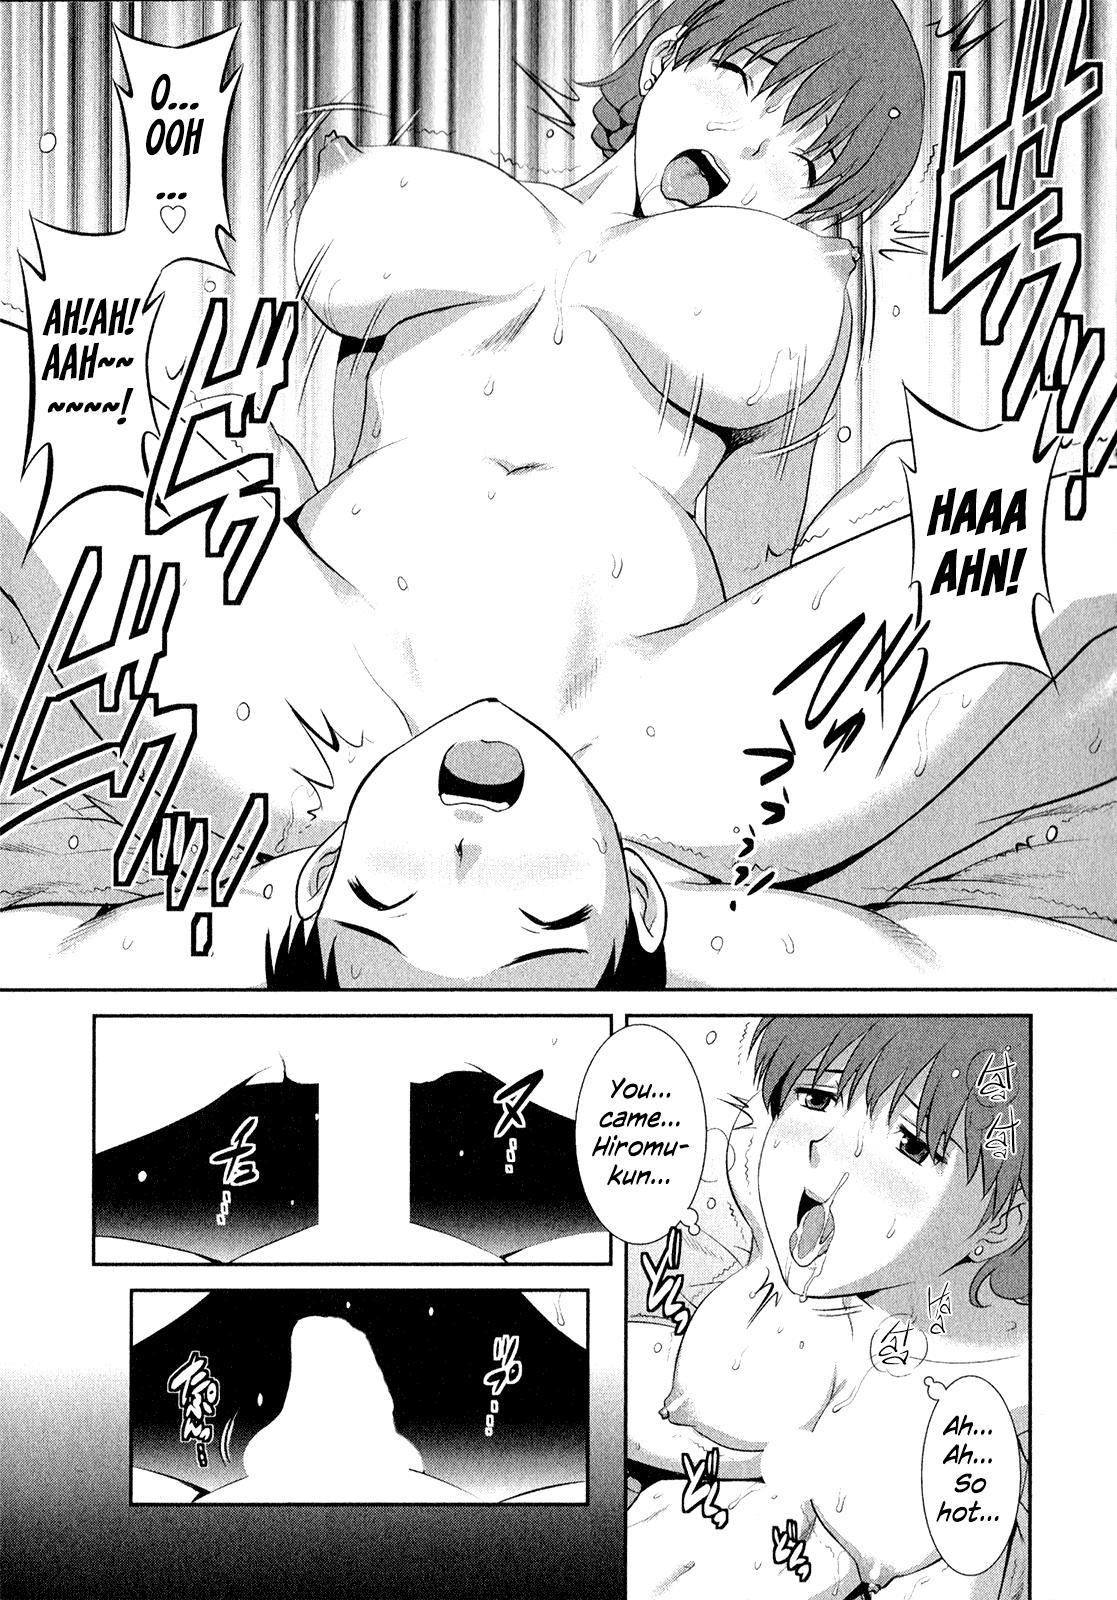 [Saigado] Hitozuma Audrey-san no Himitsu ~30-sai kara no Furyou Tsuma Kouza~ - Vol. 2 Ch. 9~12 [English] {Hennojin} 27